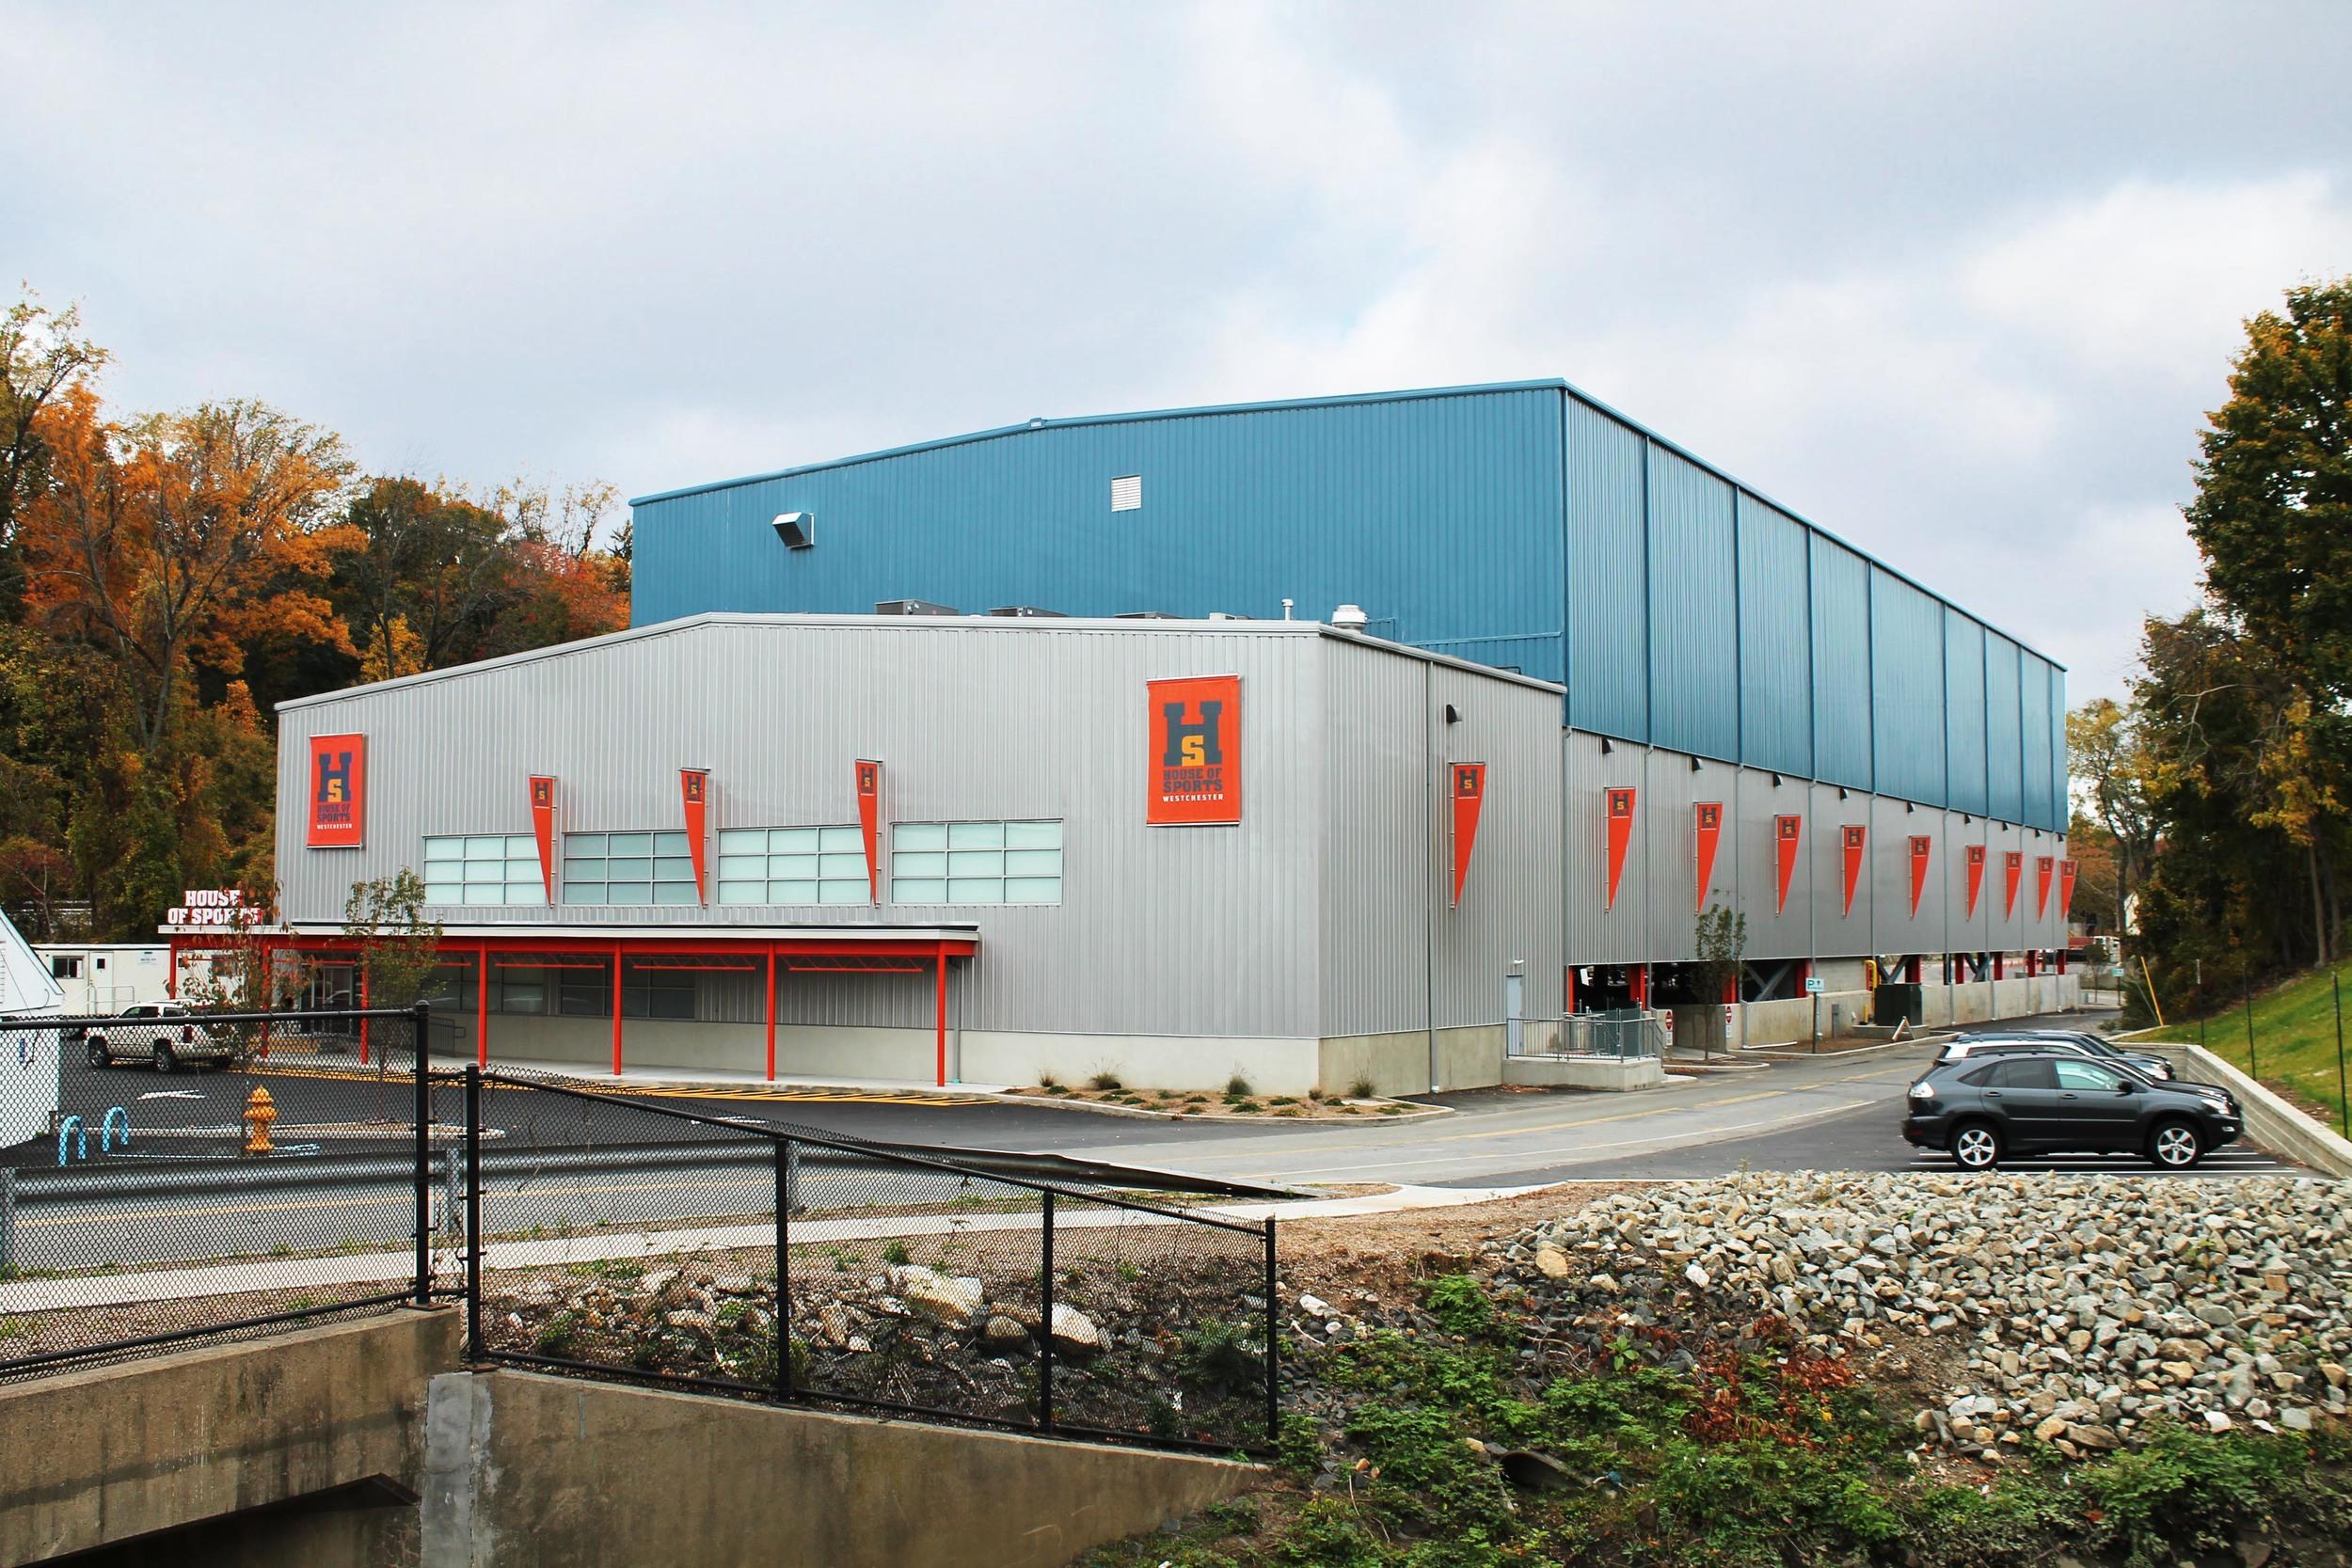 House of Sports -Ardsley, NY